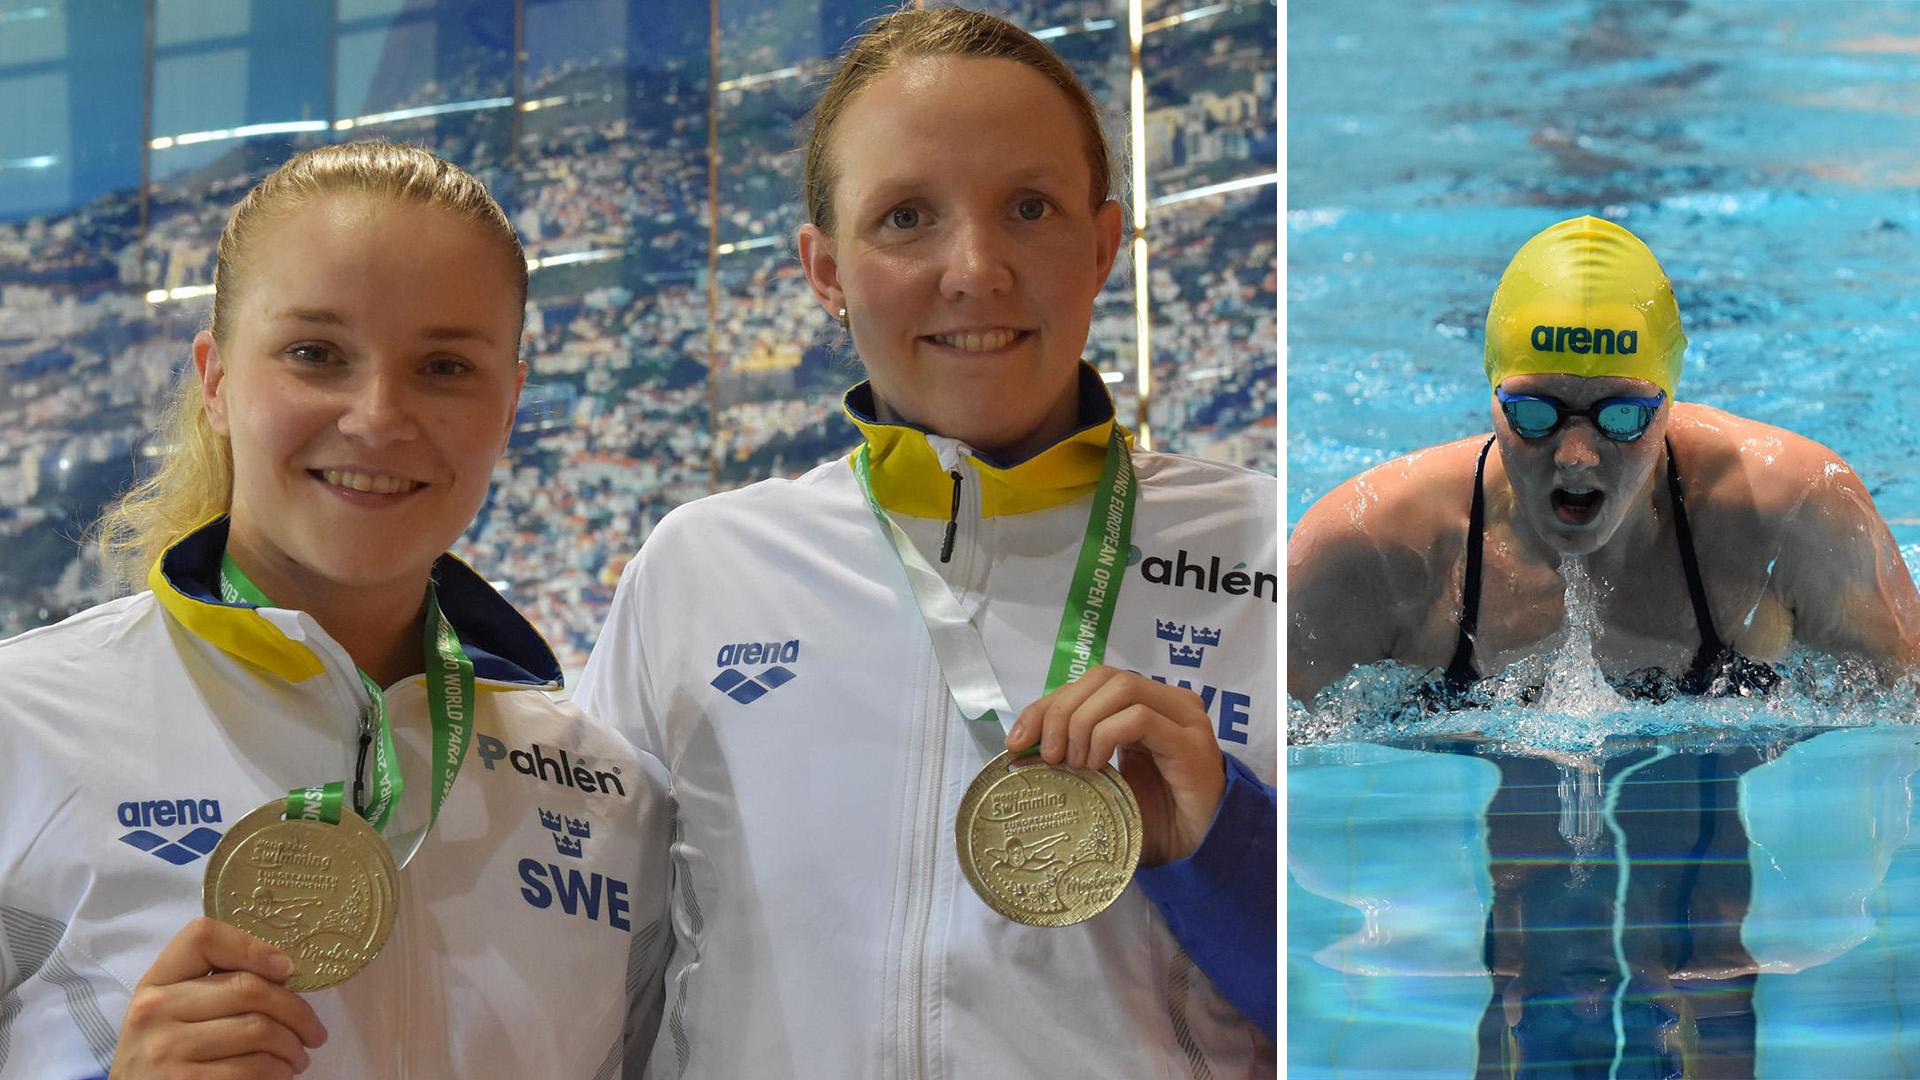 Lina Watz och Pernilla Lindberg visade god form på EM i på Madeira. På bilden visar de upp varsin medalj från mästerskapet.